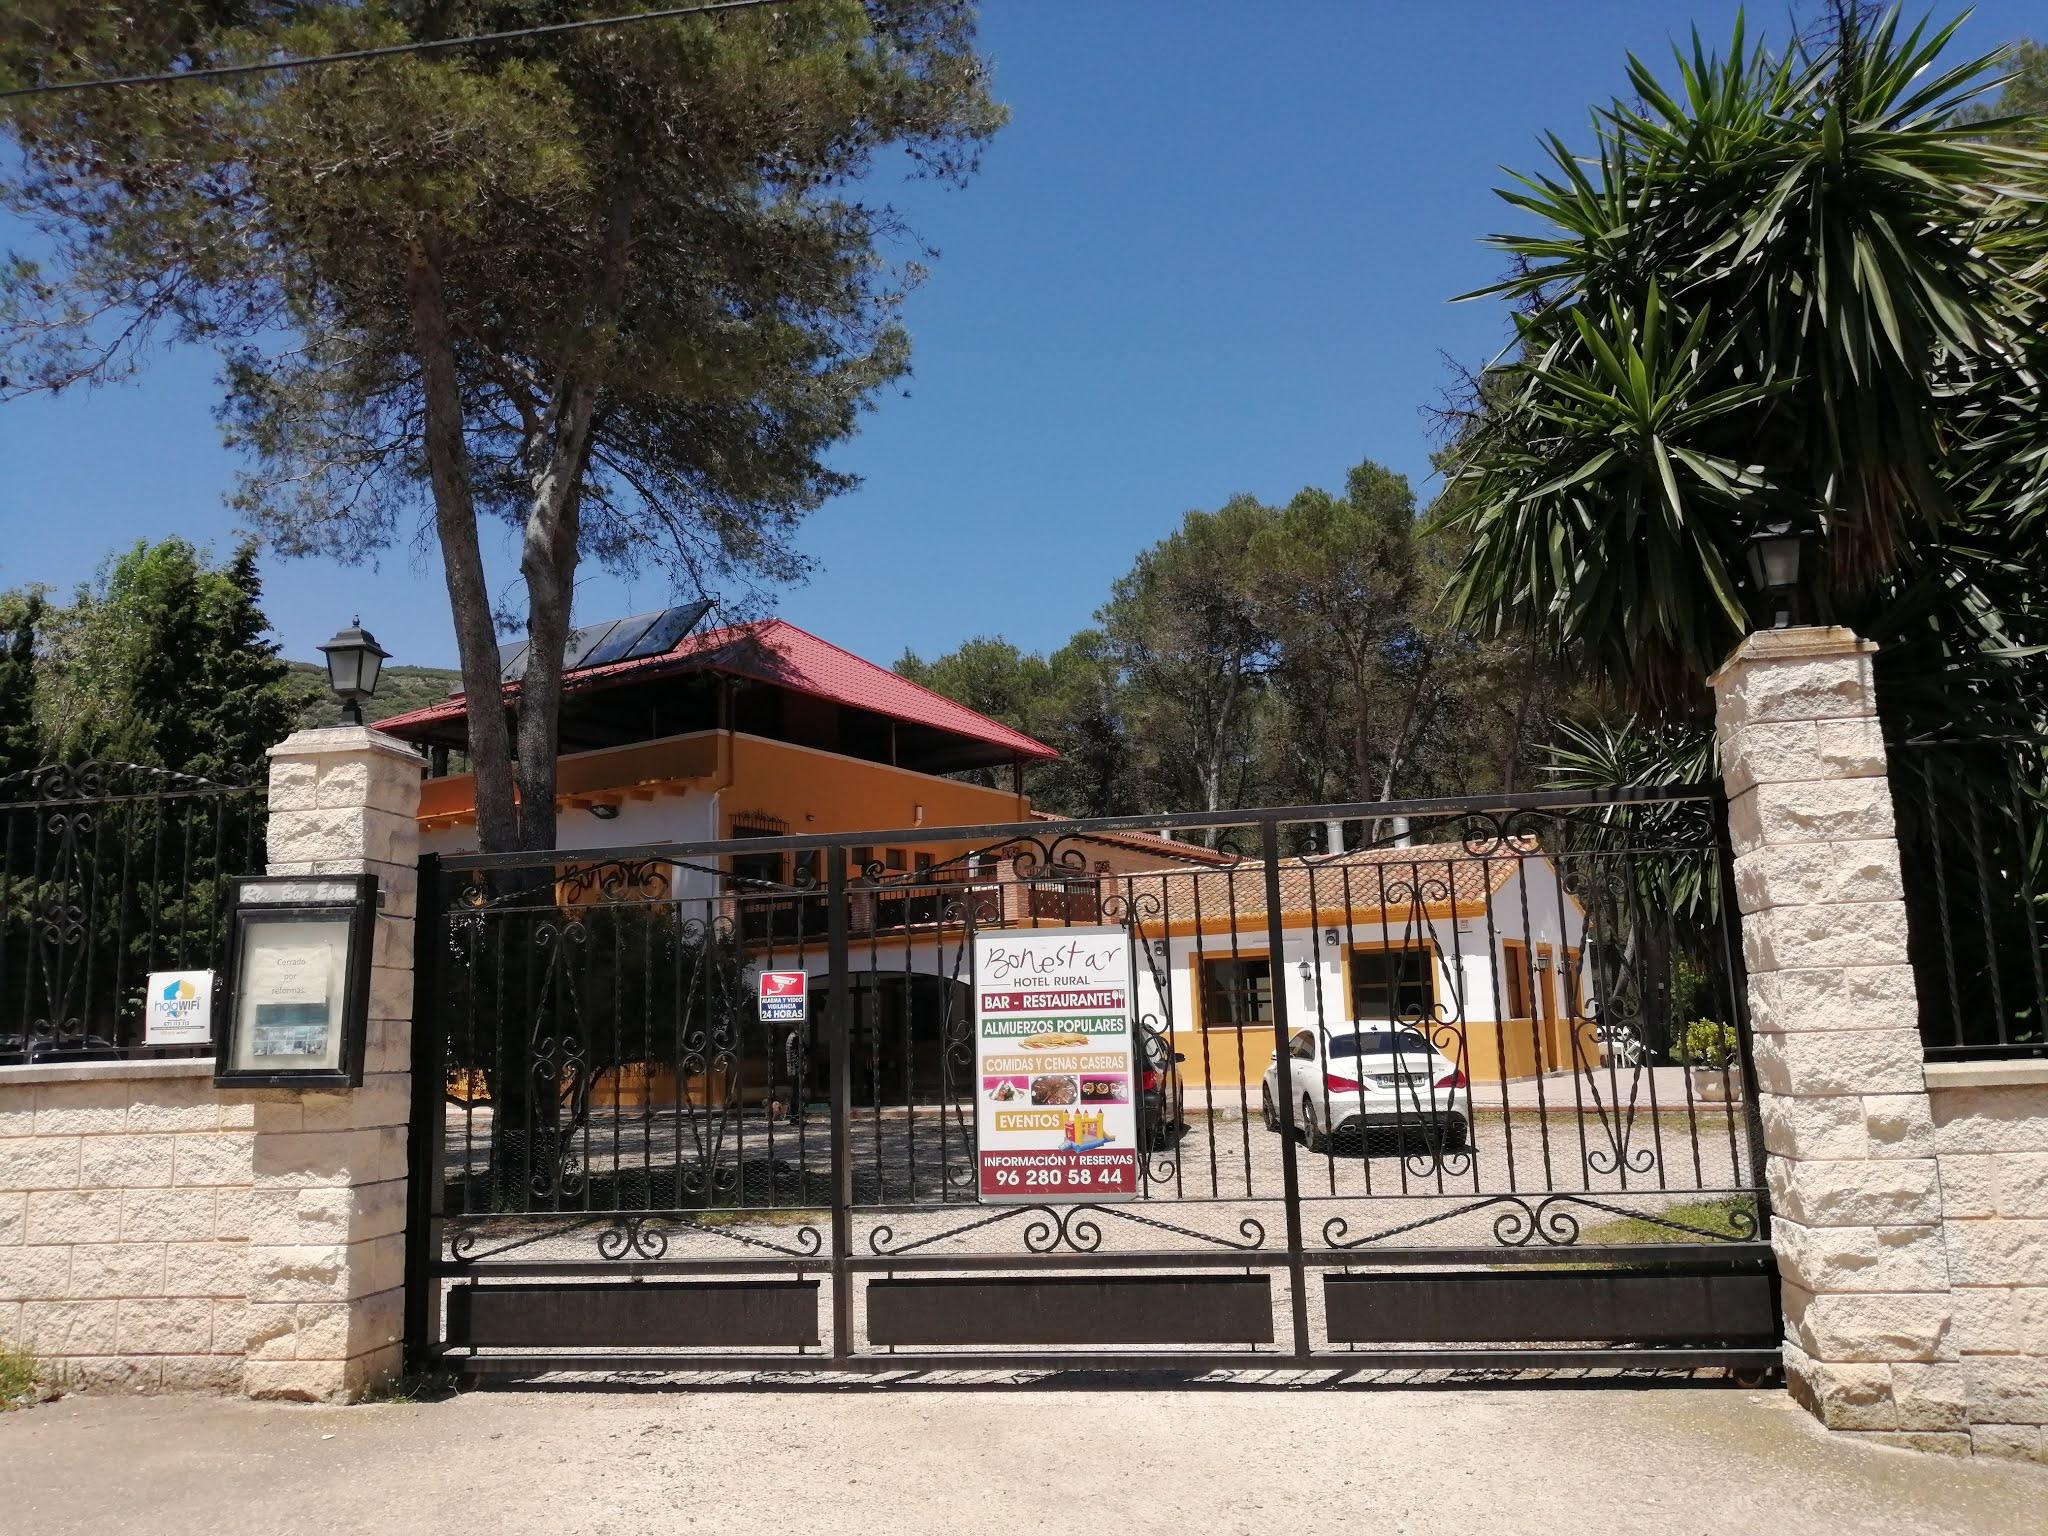 Entrance to Hotel Bonestar, La Llacuna, Valencia, Spain